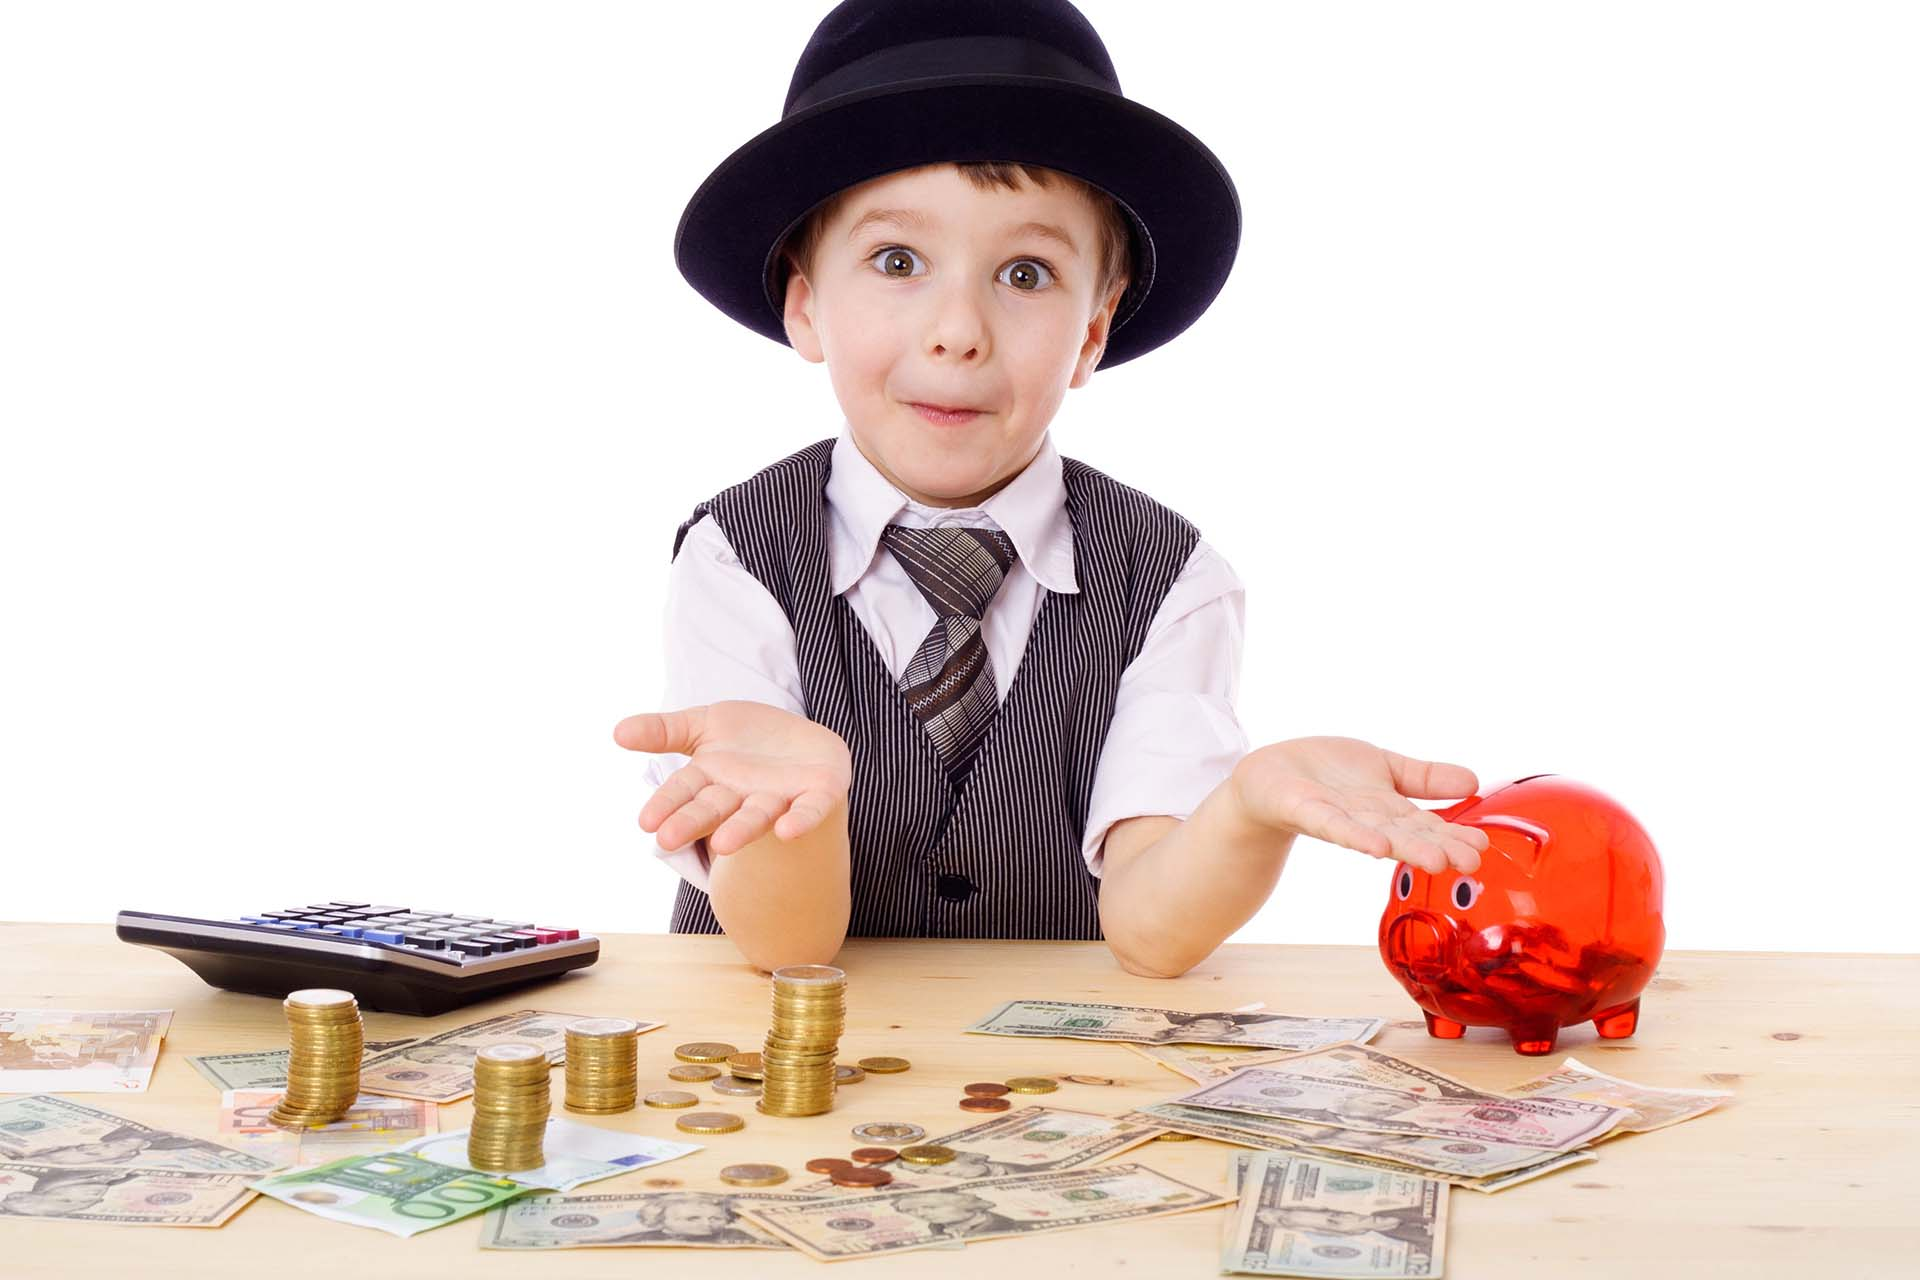 Вебинар: Дети и финансы. Как разговаривать с ребенком о деньгах?